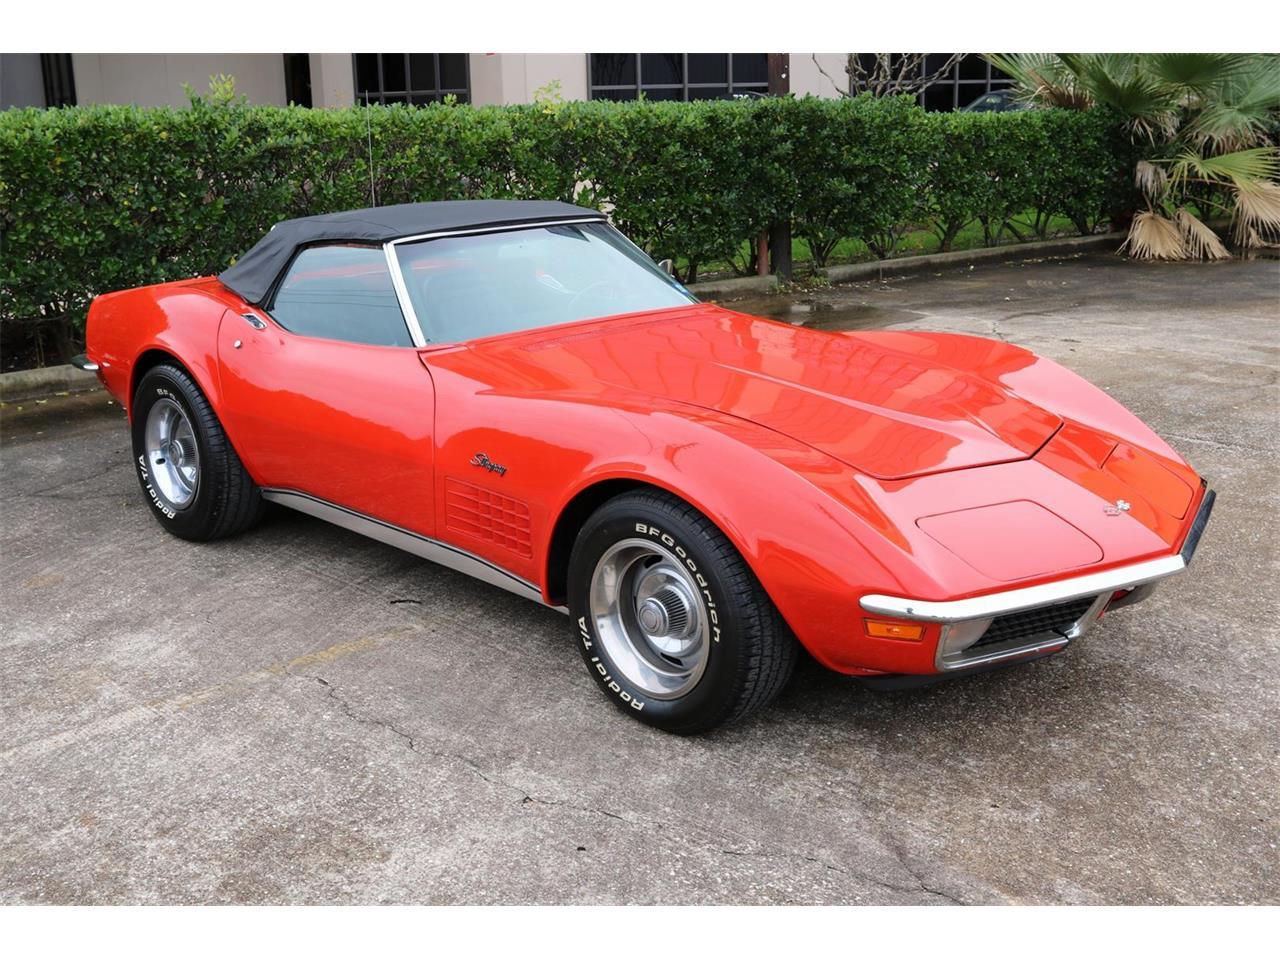 1970 Corvette For Sale >> For Sale 1970 Chevrolet Corvette In Conroe Texas